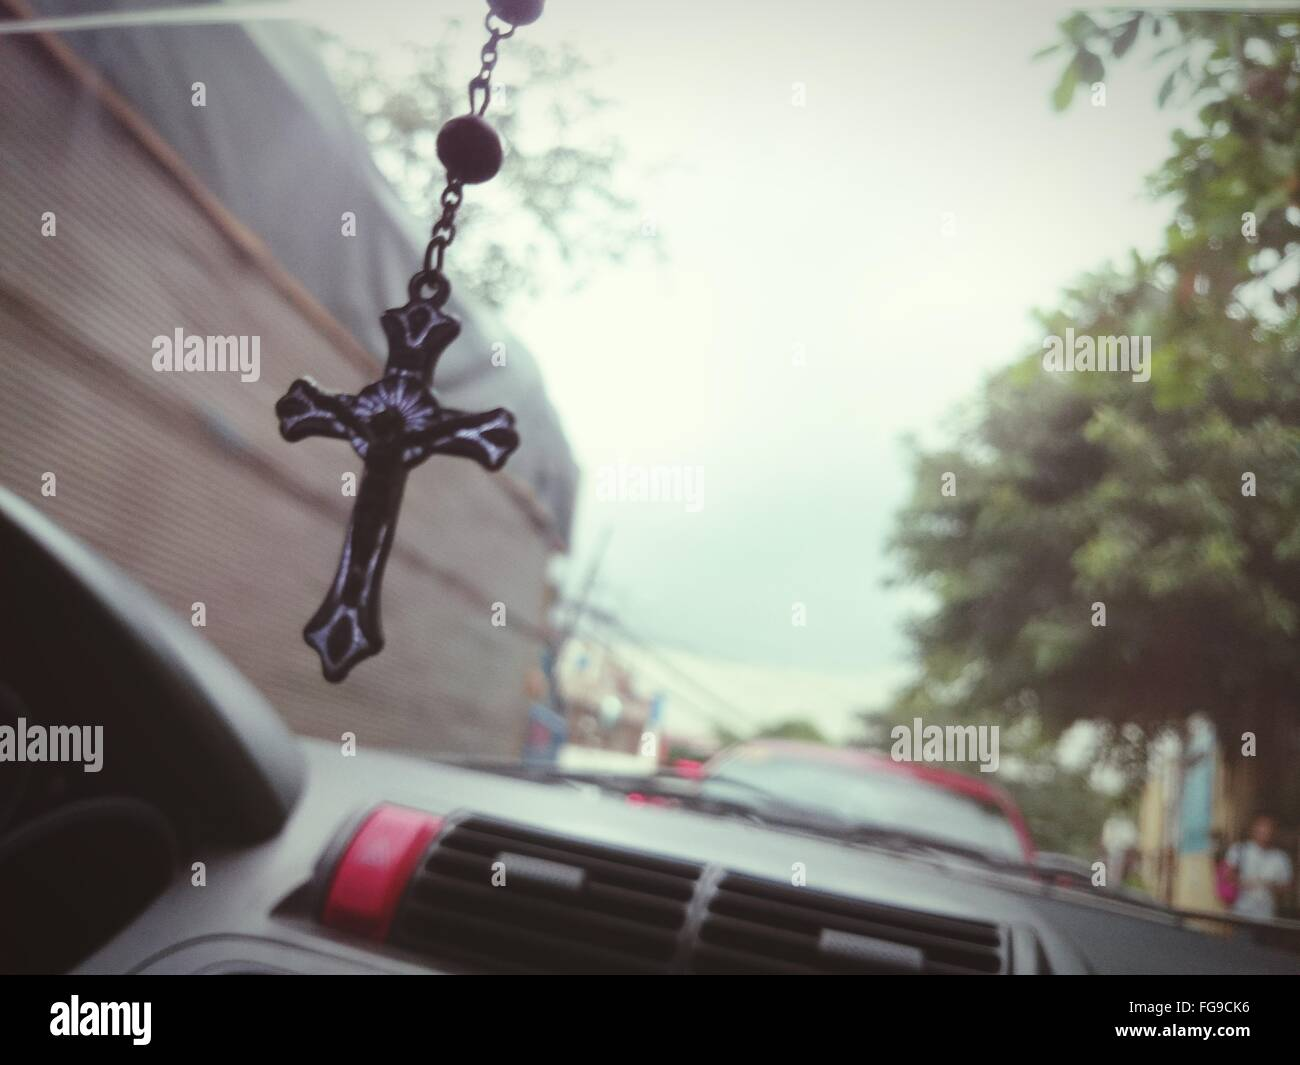 Primer plano de Rosario colgando en coche Foto de stock